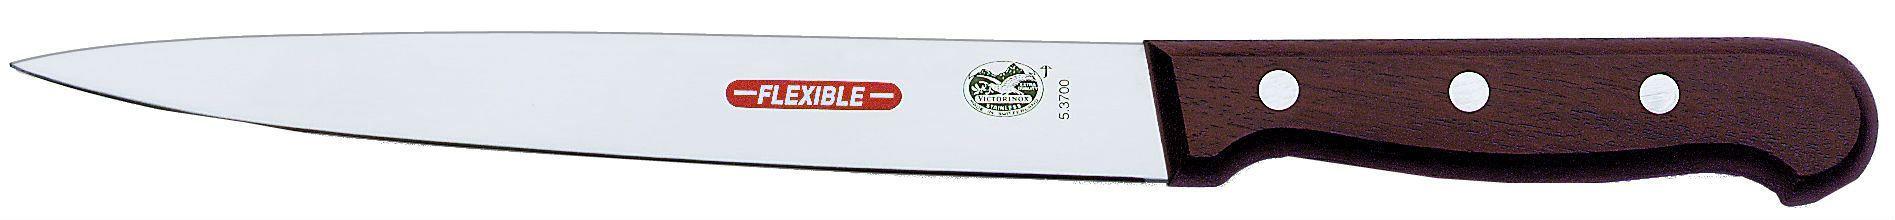 Victorinox 5.3700.18 - нож филейный, лезвие 18 см (Brown)Кухонные ножи, ложки, вилки<br>Нож филейный<br>